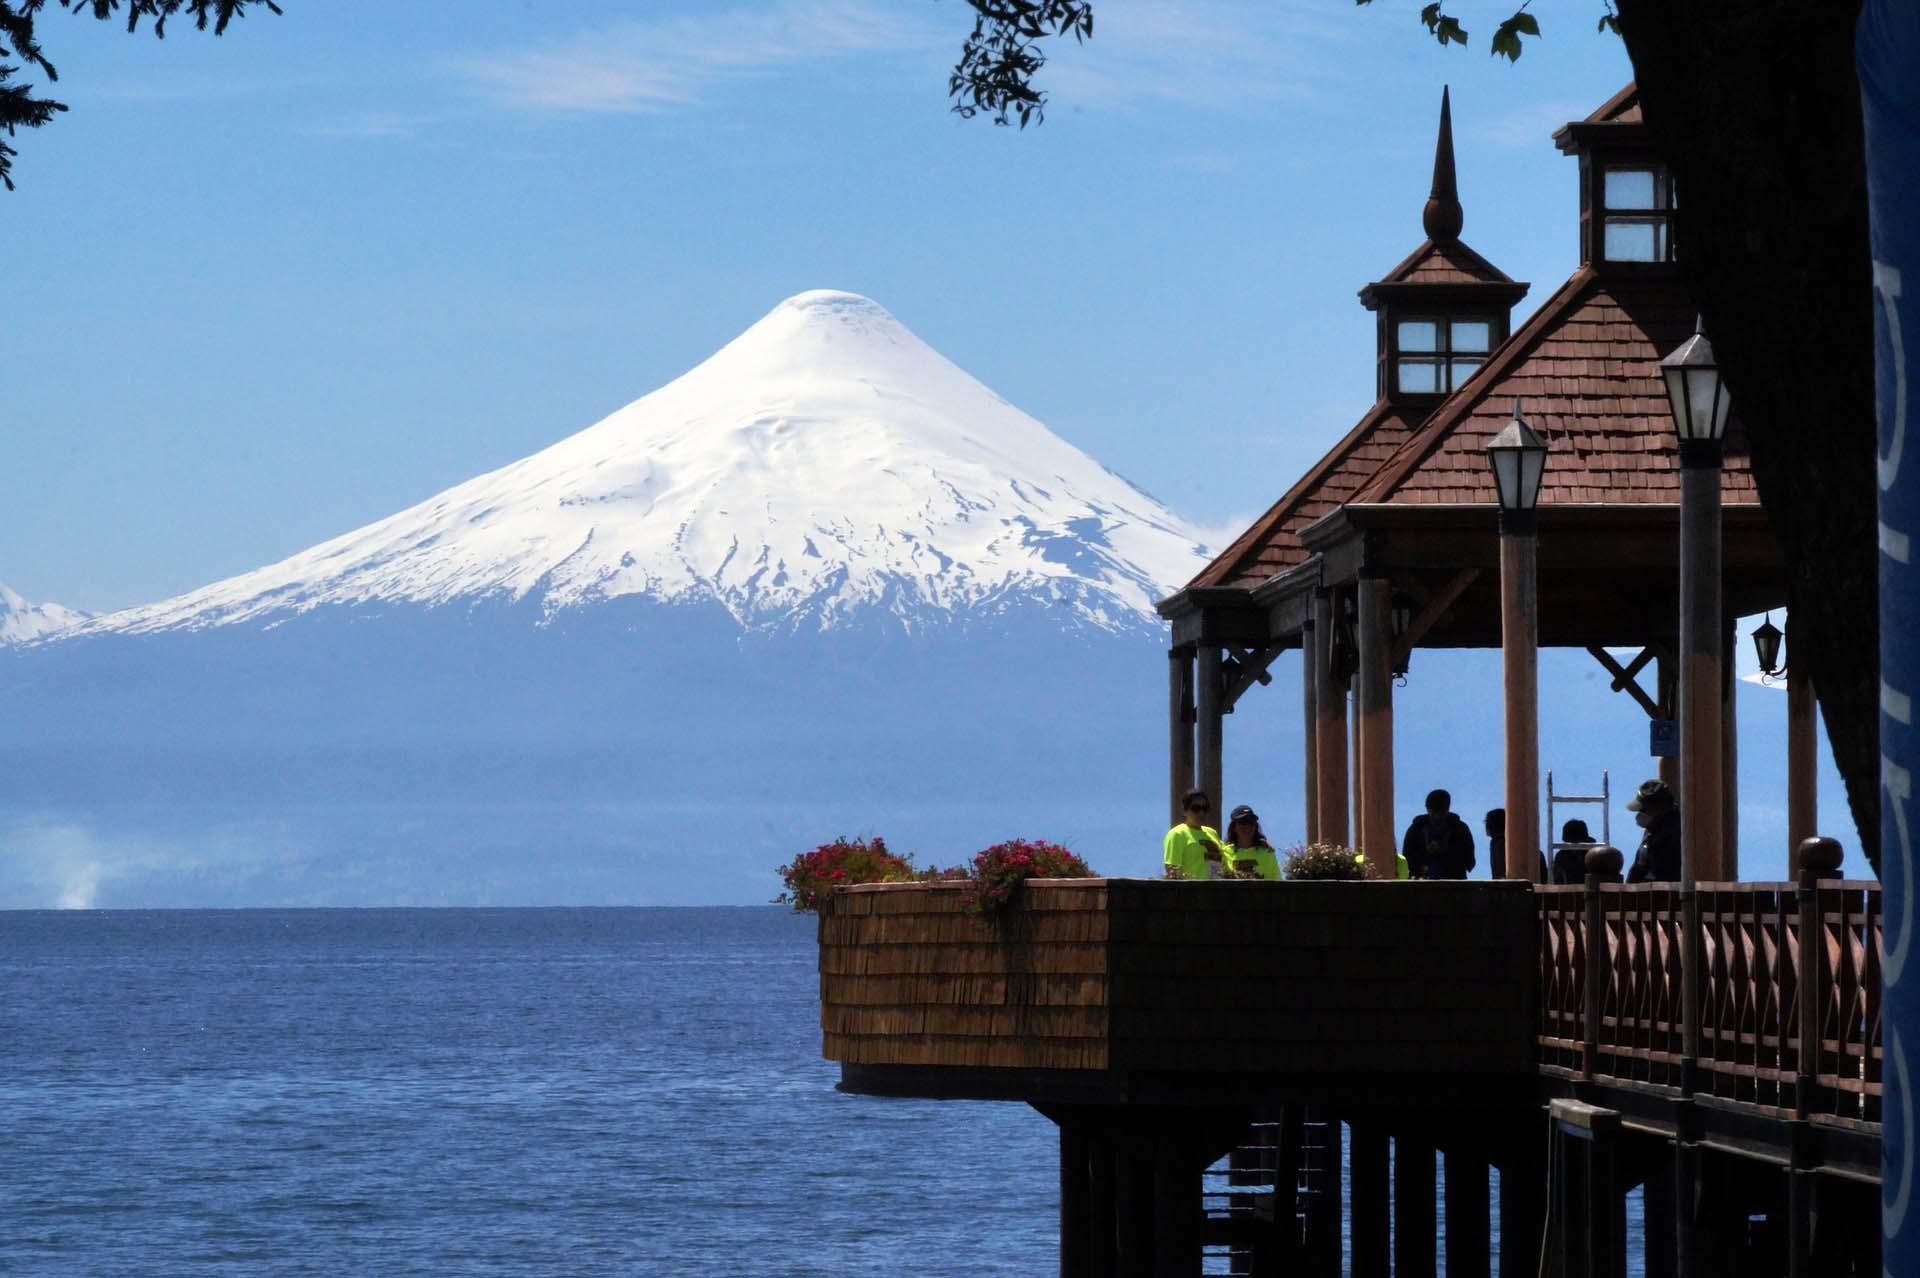 Viagens na América do Sul - As 6 mais lindas regiões para você conhecer - Frutillar